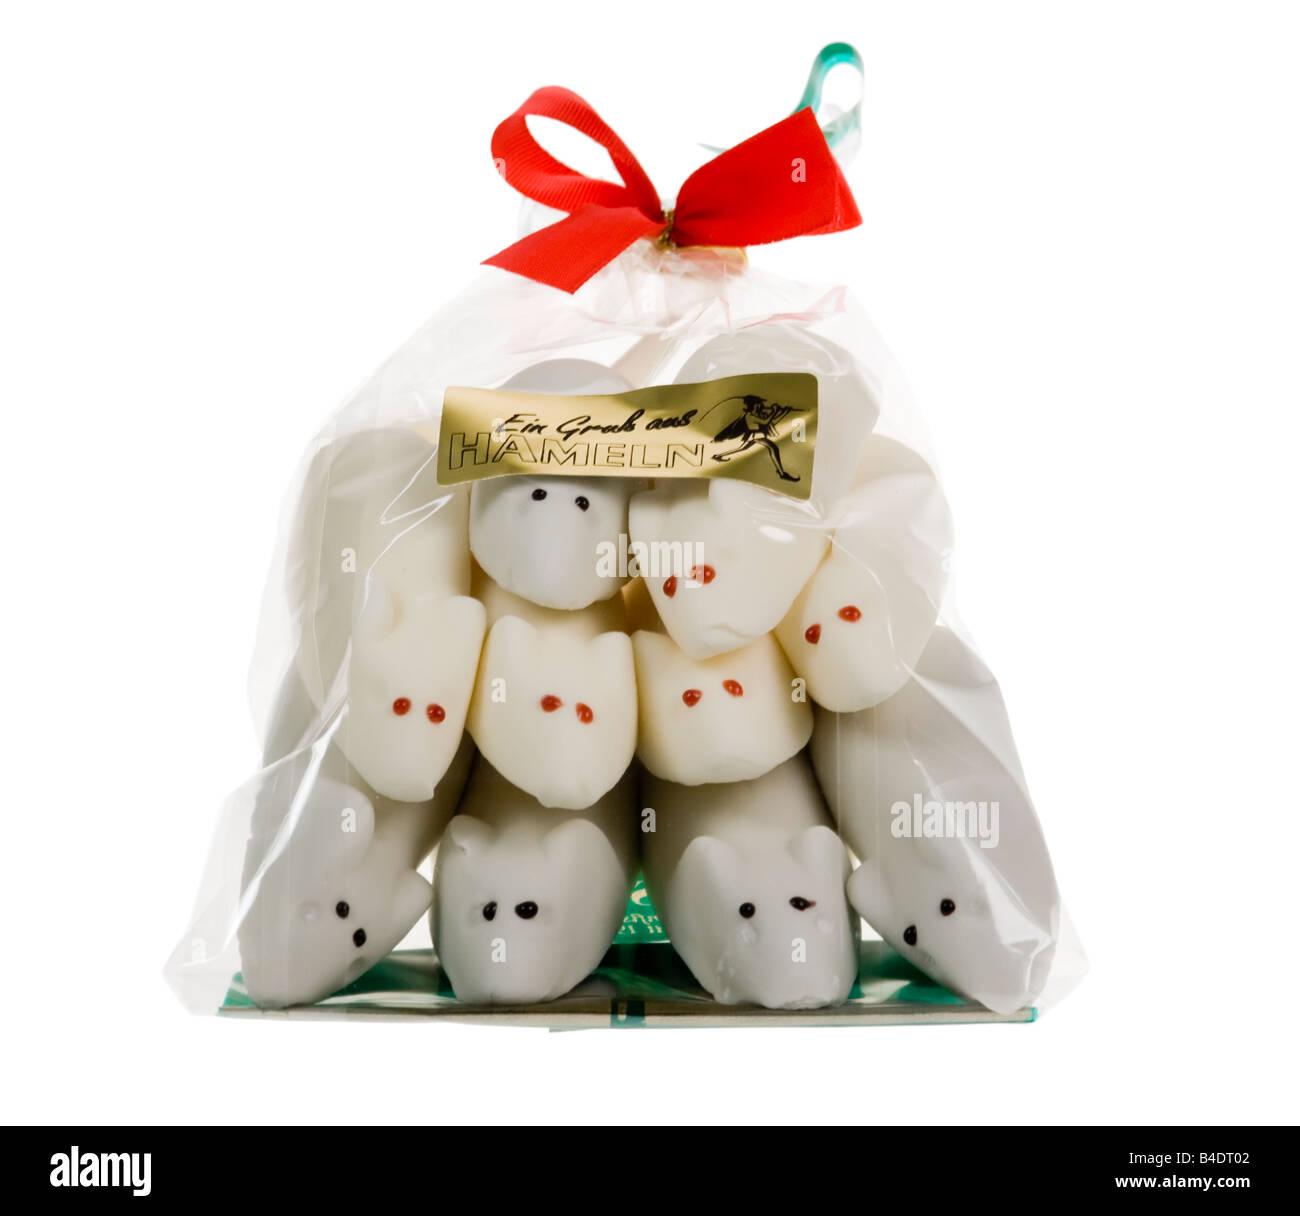 Zucker Konfekt Mäuse in Tasche mit Band, als in der Stadt Hameln Hameln Ratten Deutschlands verkauft Stockbild